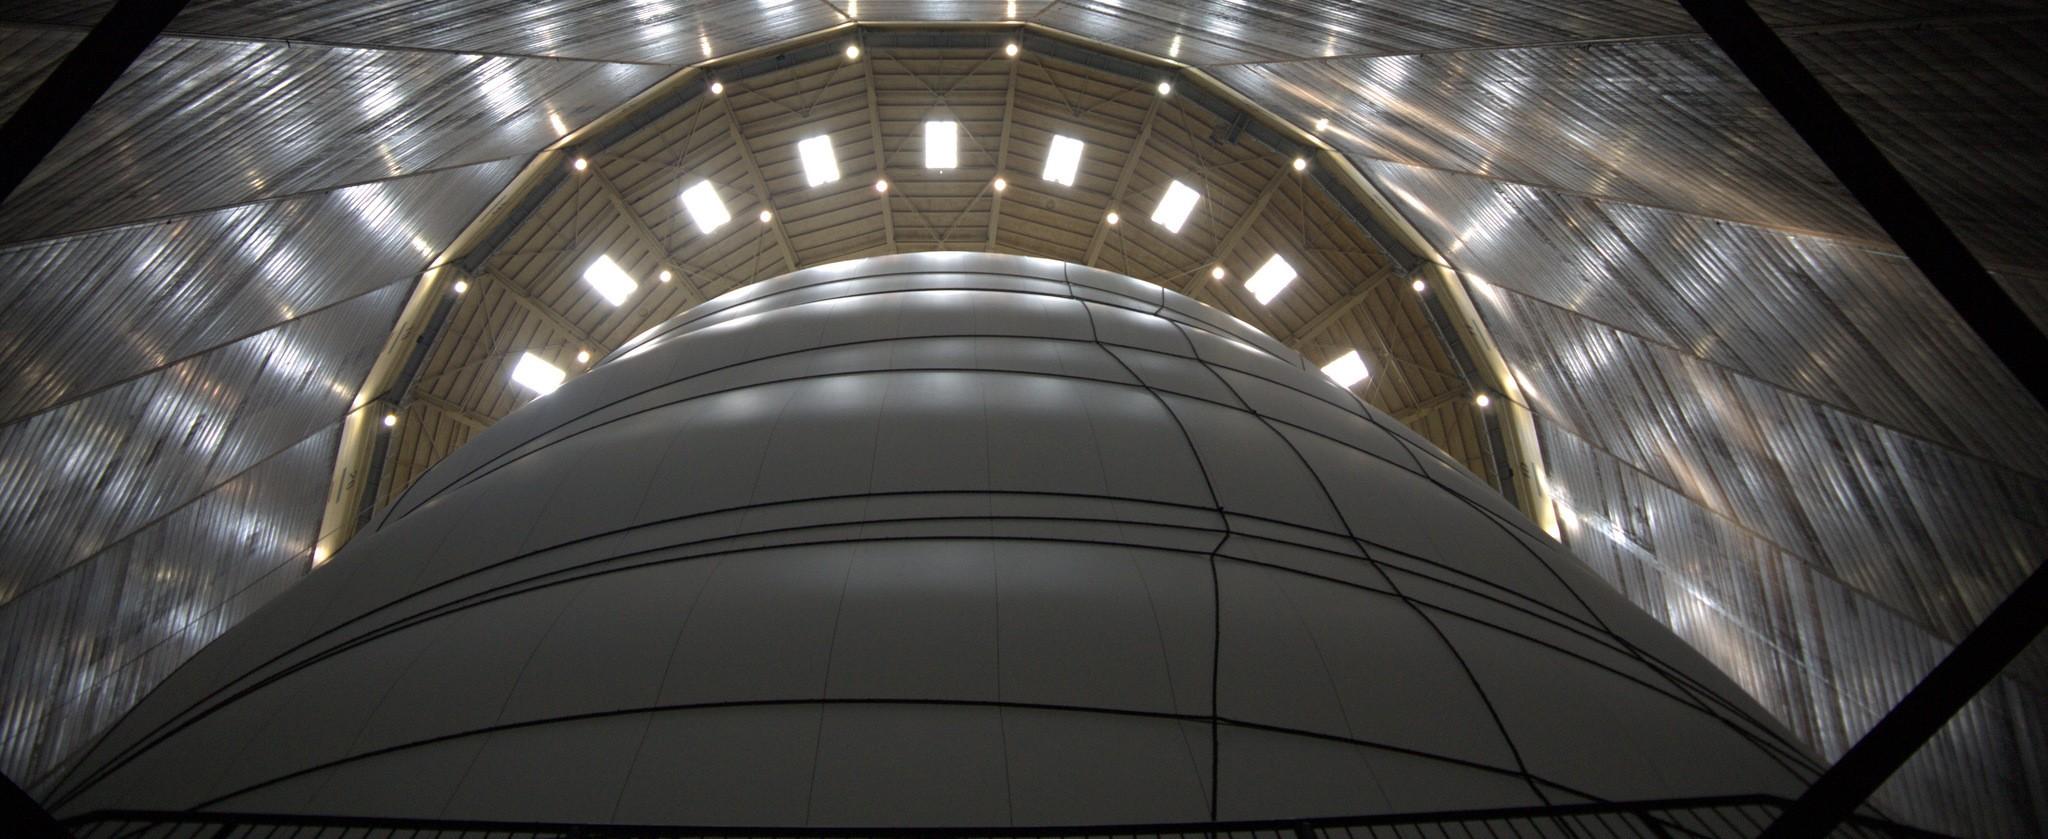 Dem Christo seine Kunst im Ruhrgebiet: Big Air Package im Gasometer Oberhausen